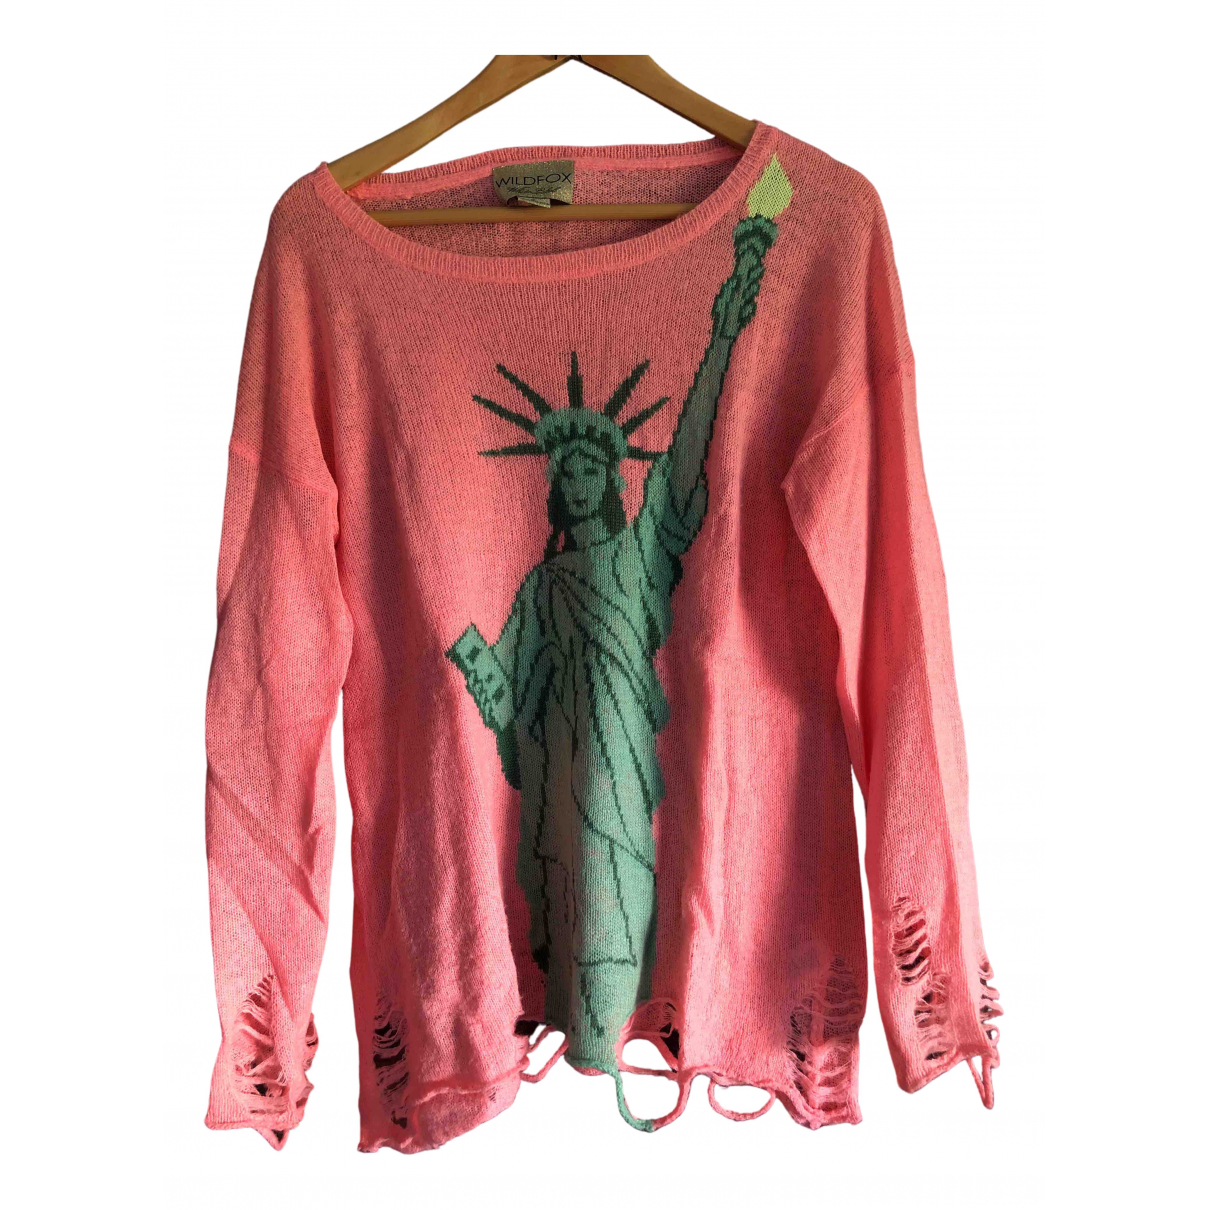 Wildfox \N Pink Knitwear for Women S International